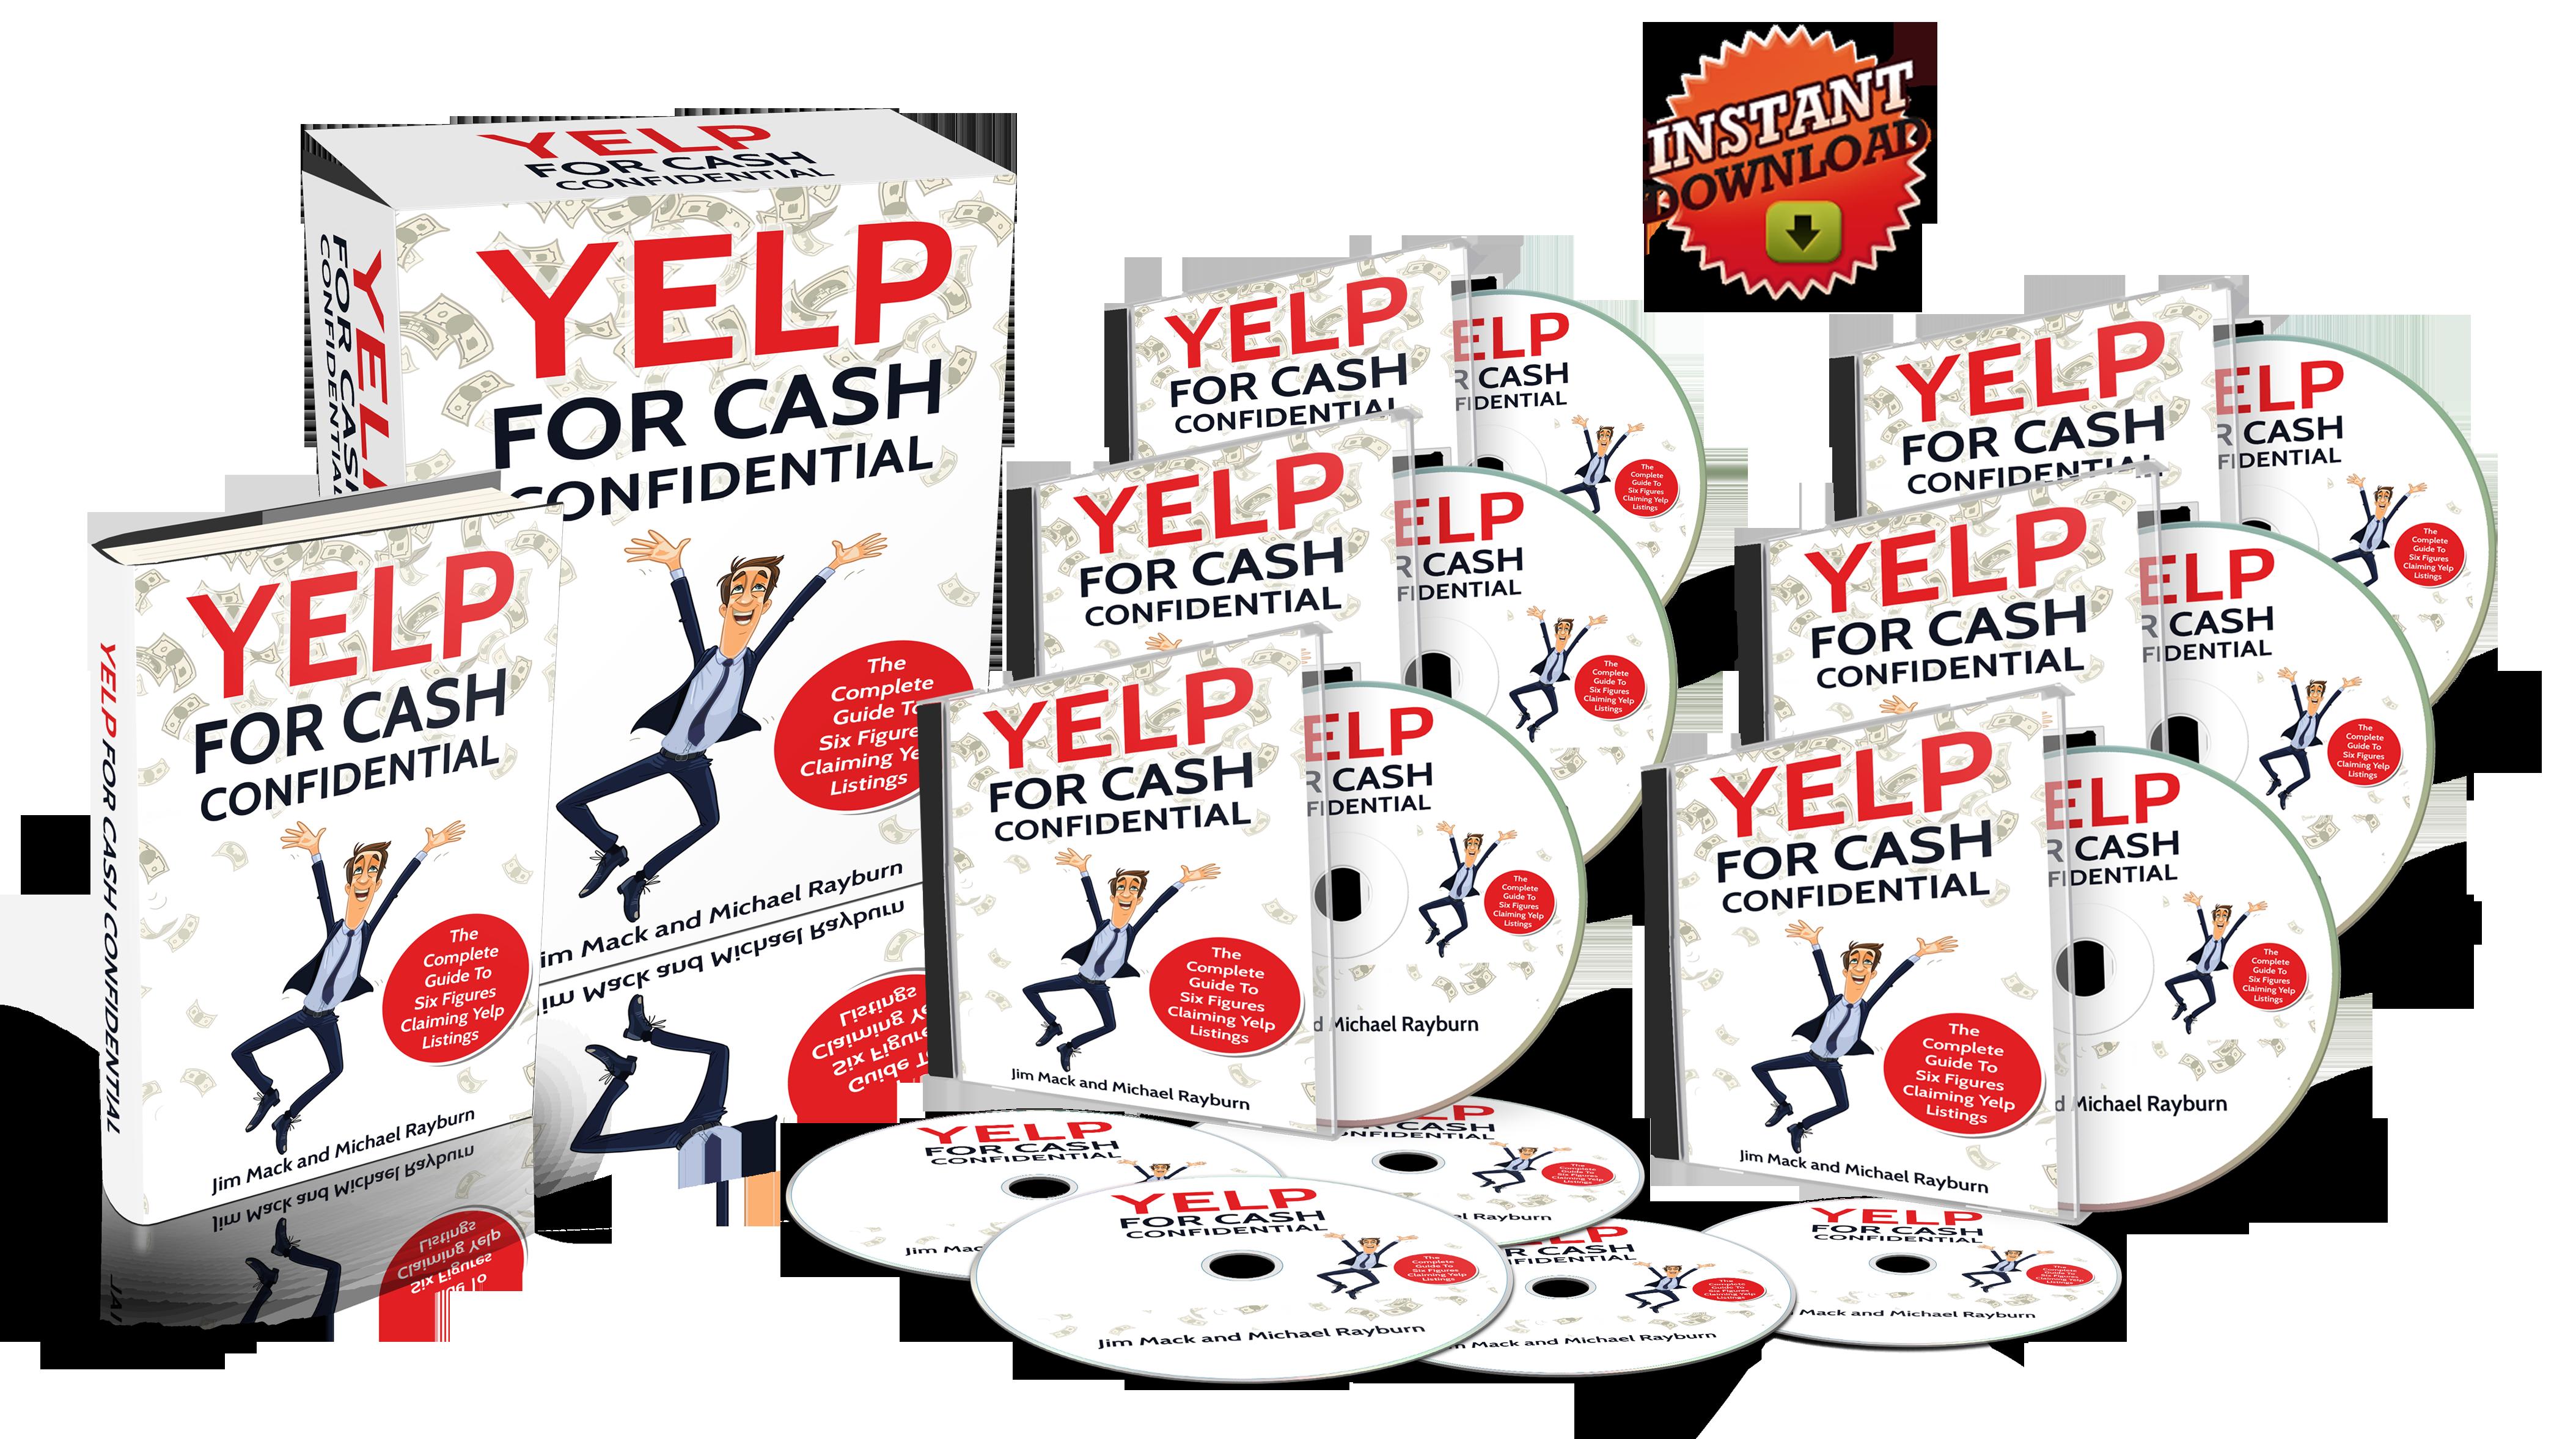 美国最大点评网站Yelp赚钱Ca$h机密(Yelp for Cash Confidential)